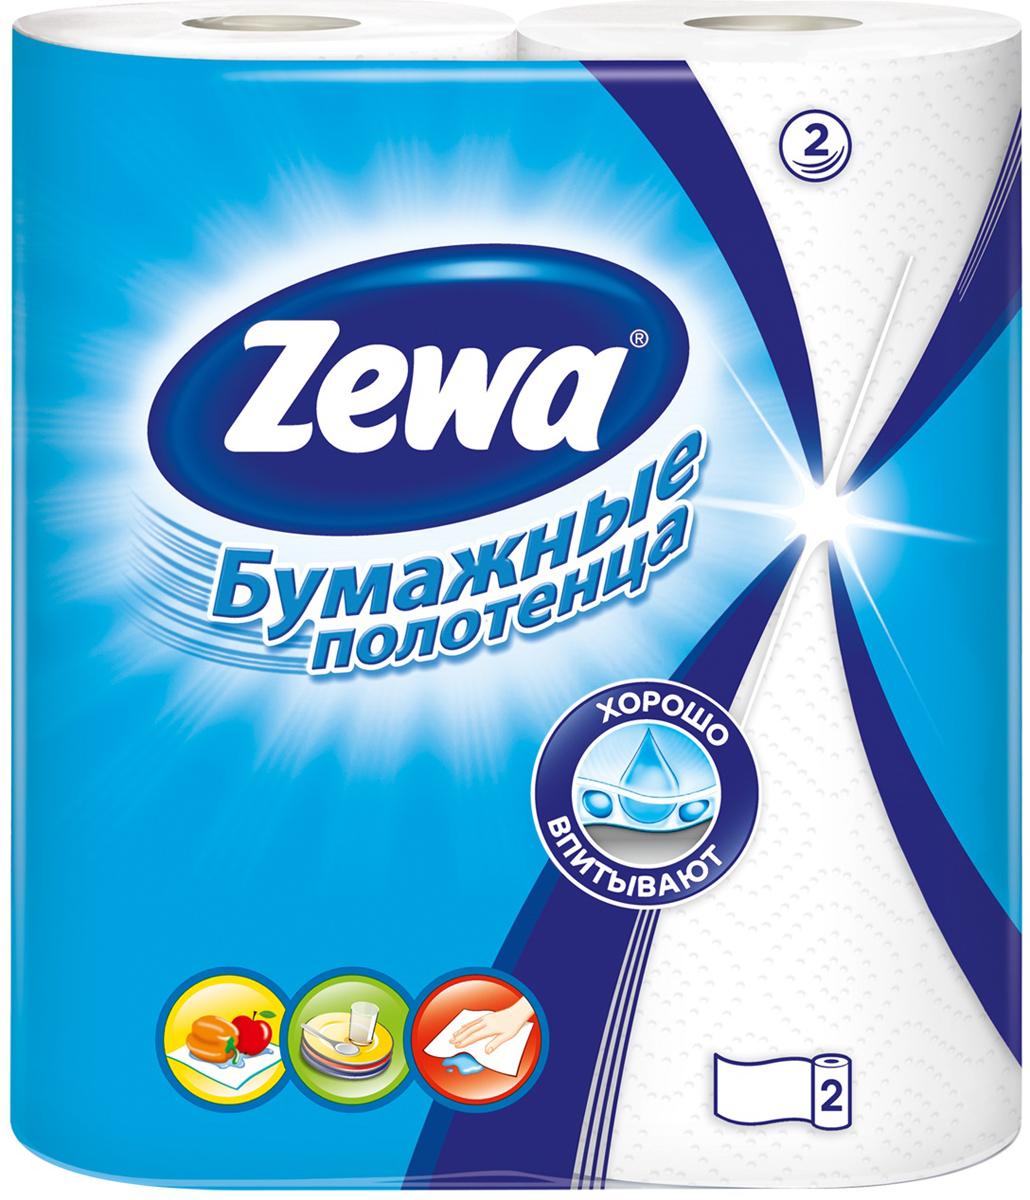 Полотенца бумажные Zewa, 2 рулонаУТ000000791Двухслойные бумажные полотенца Zewa станут универсальным и незаменимым помощником в доме. С их помощью можно легко вытереть пролитую жидкость, отполировать до блеска стекла или посуду, очистить поверхность. Белые 2-х слойные бумажные полотенца без рисунка - 2 рулона в упаковке. Состав: вторичное волокно. Производство: Россия